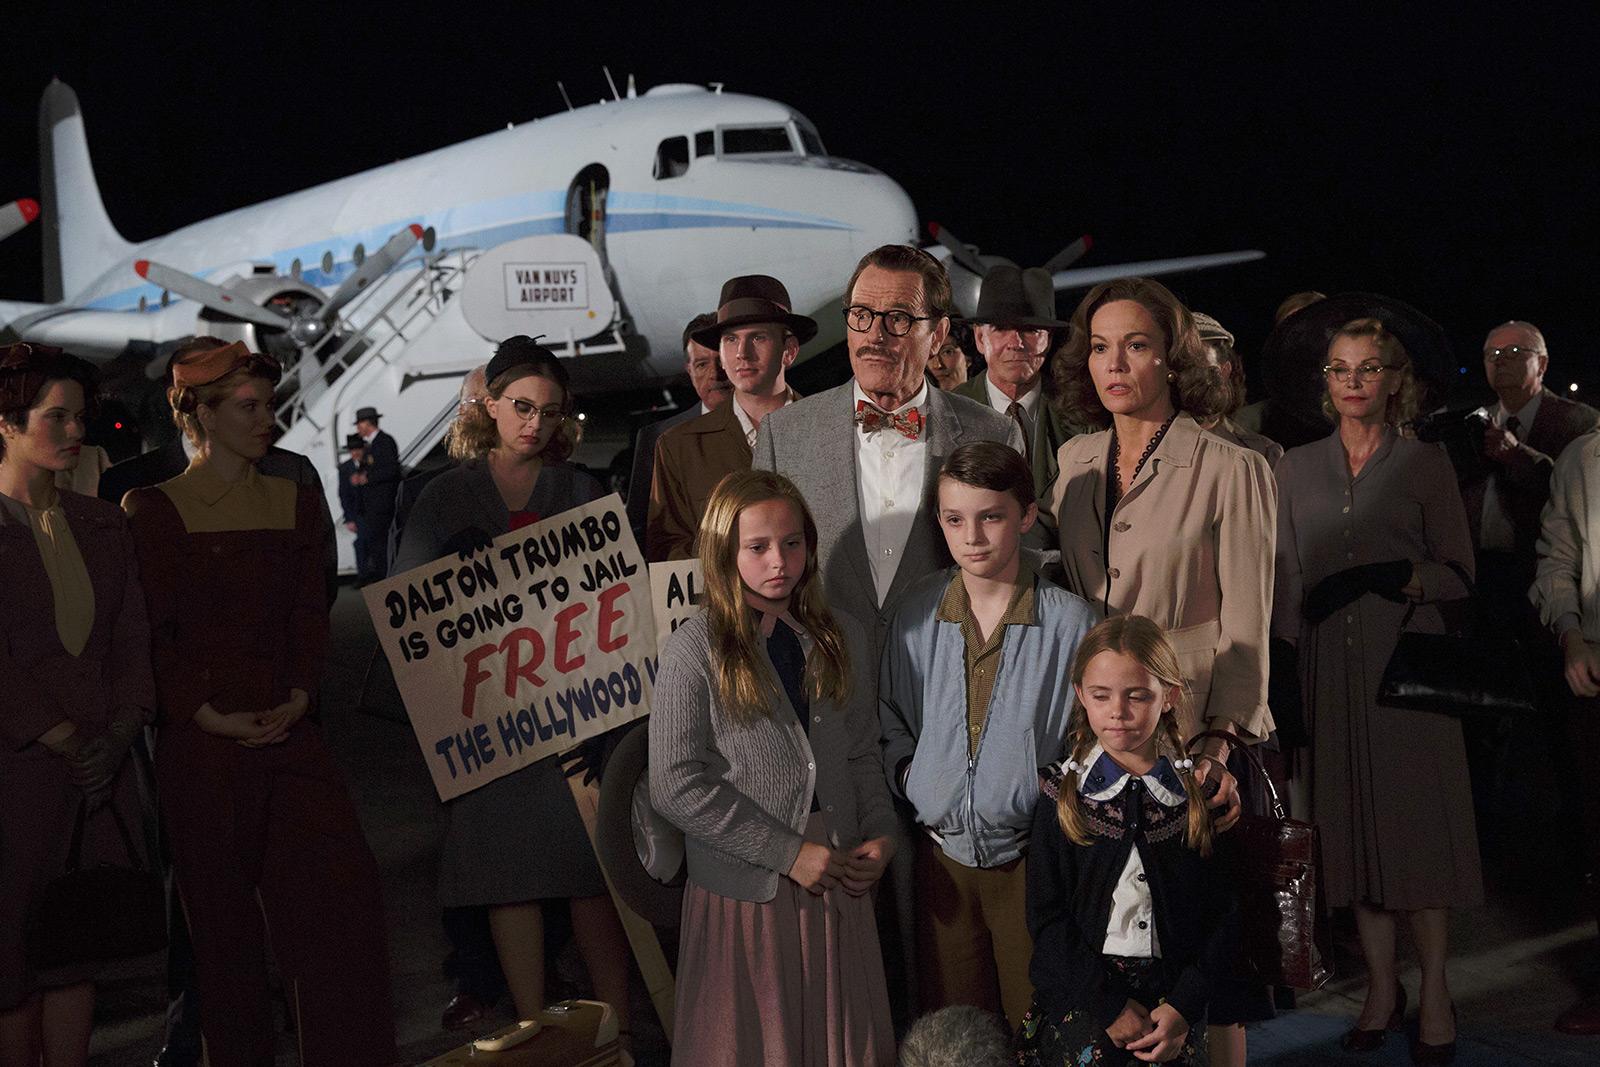 Dalton Trumbo - Bryan Cranston, Diane Lane, Elle Fanning